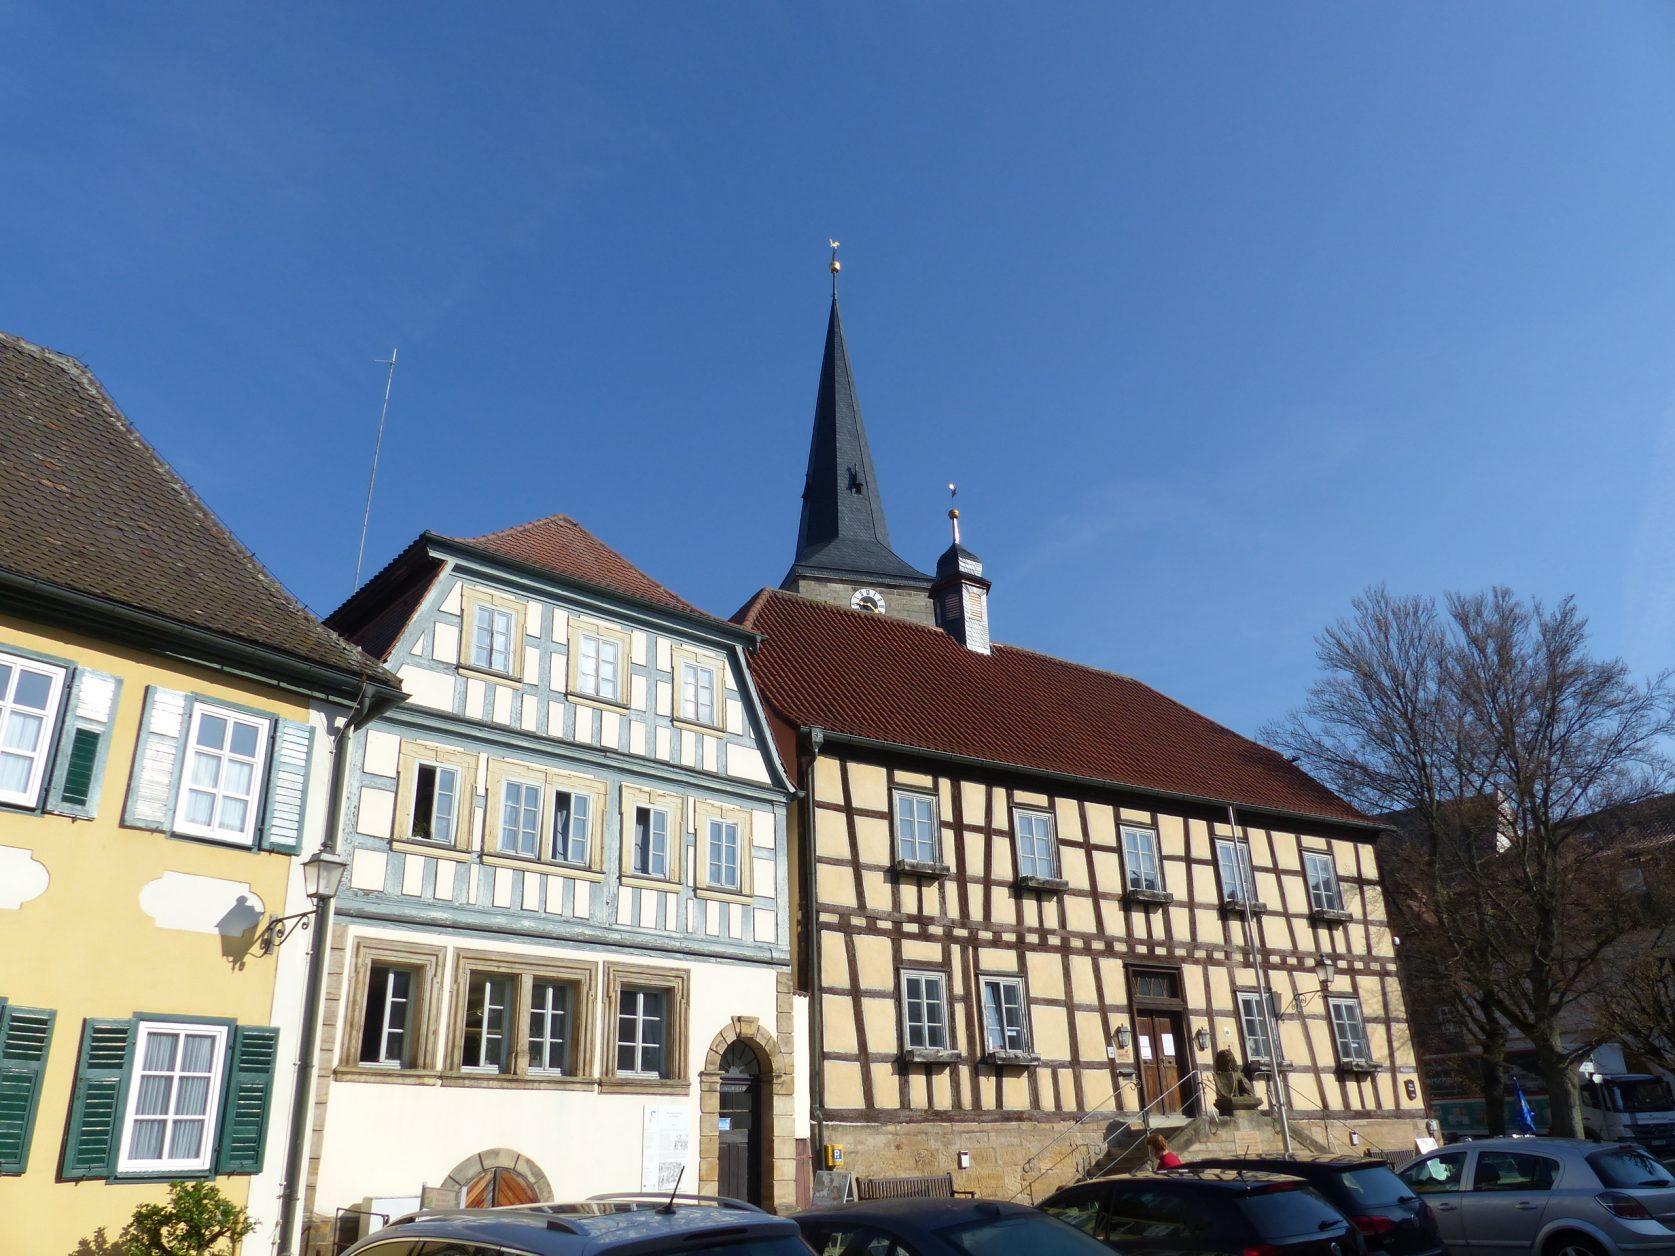 Das Rathaus von Sesslach